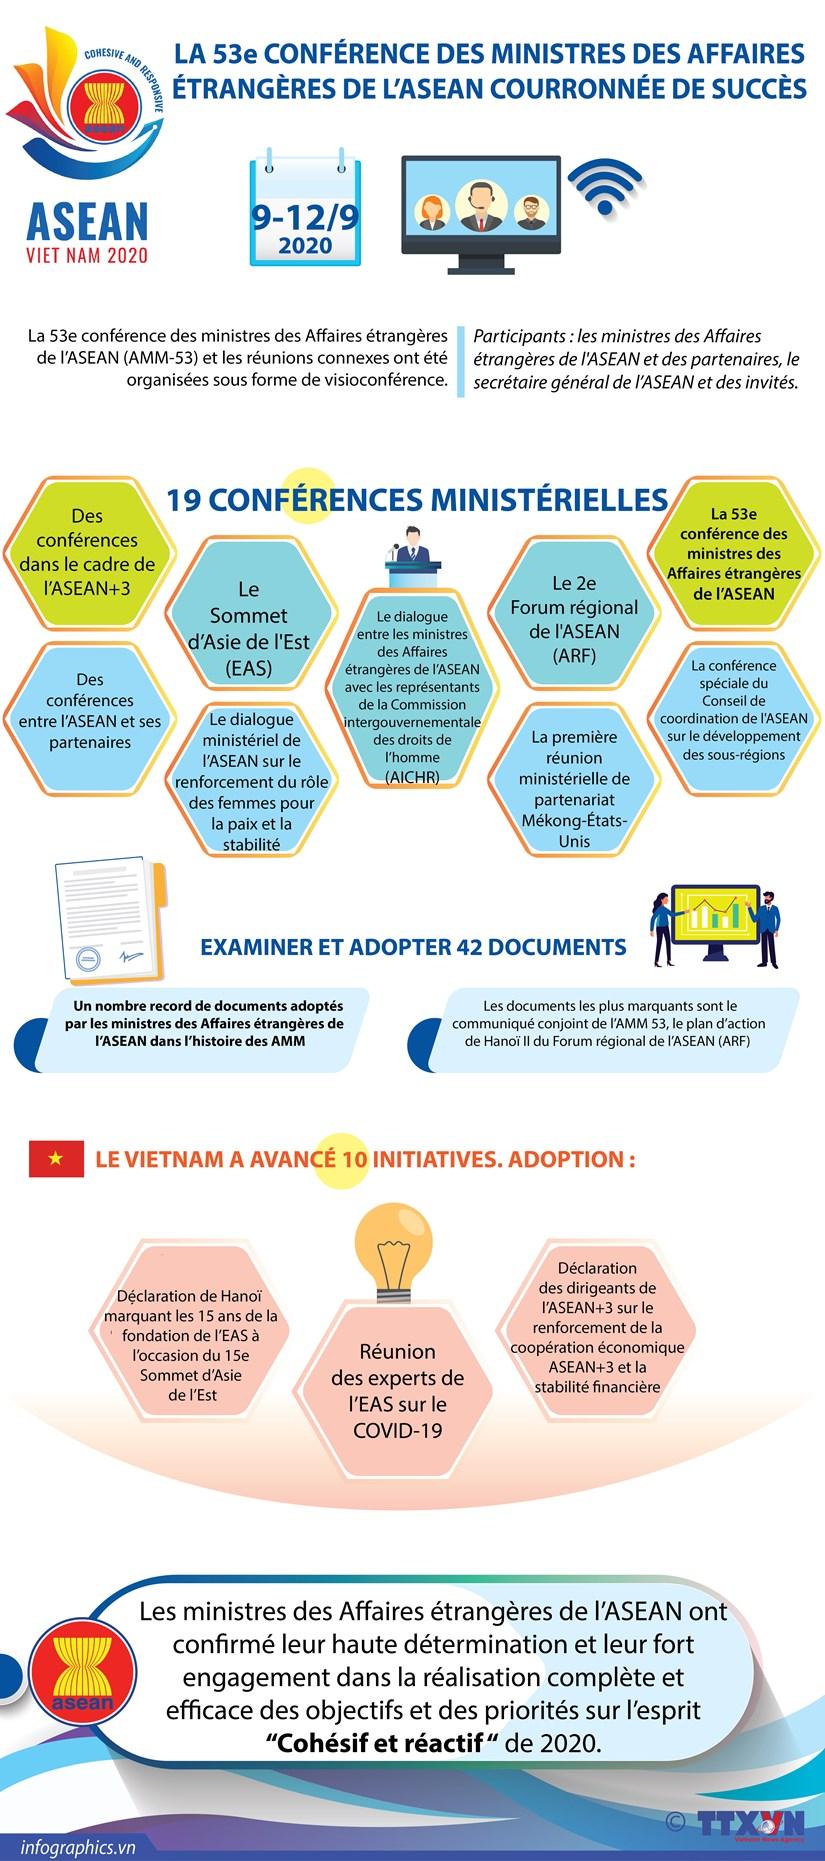 La 53e conference des ministres des Affaires etrangeres de l'ASEAN (AMM-53) couronnee de succes hinh anh 1